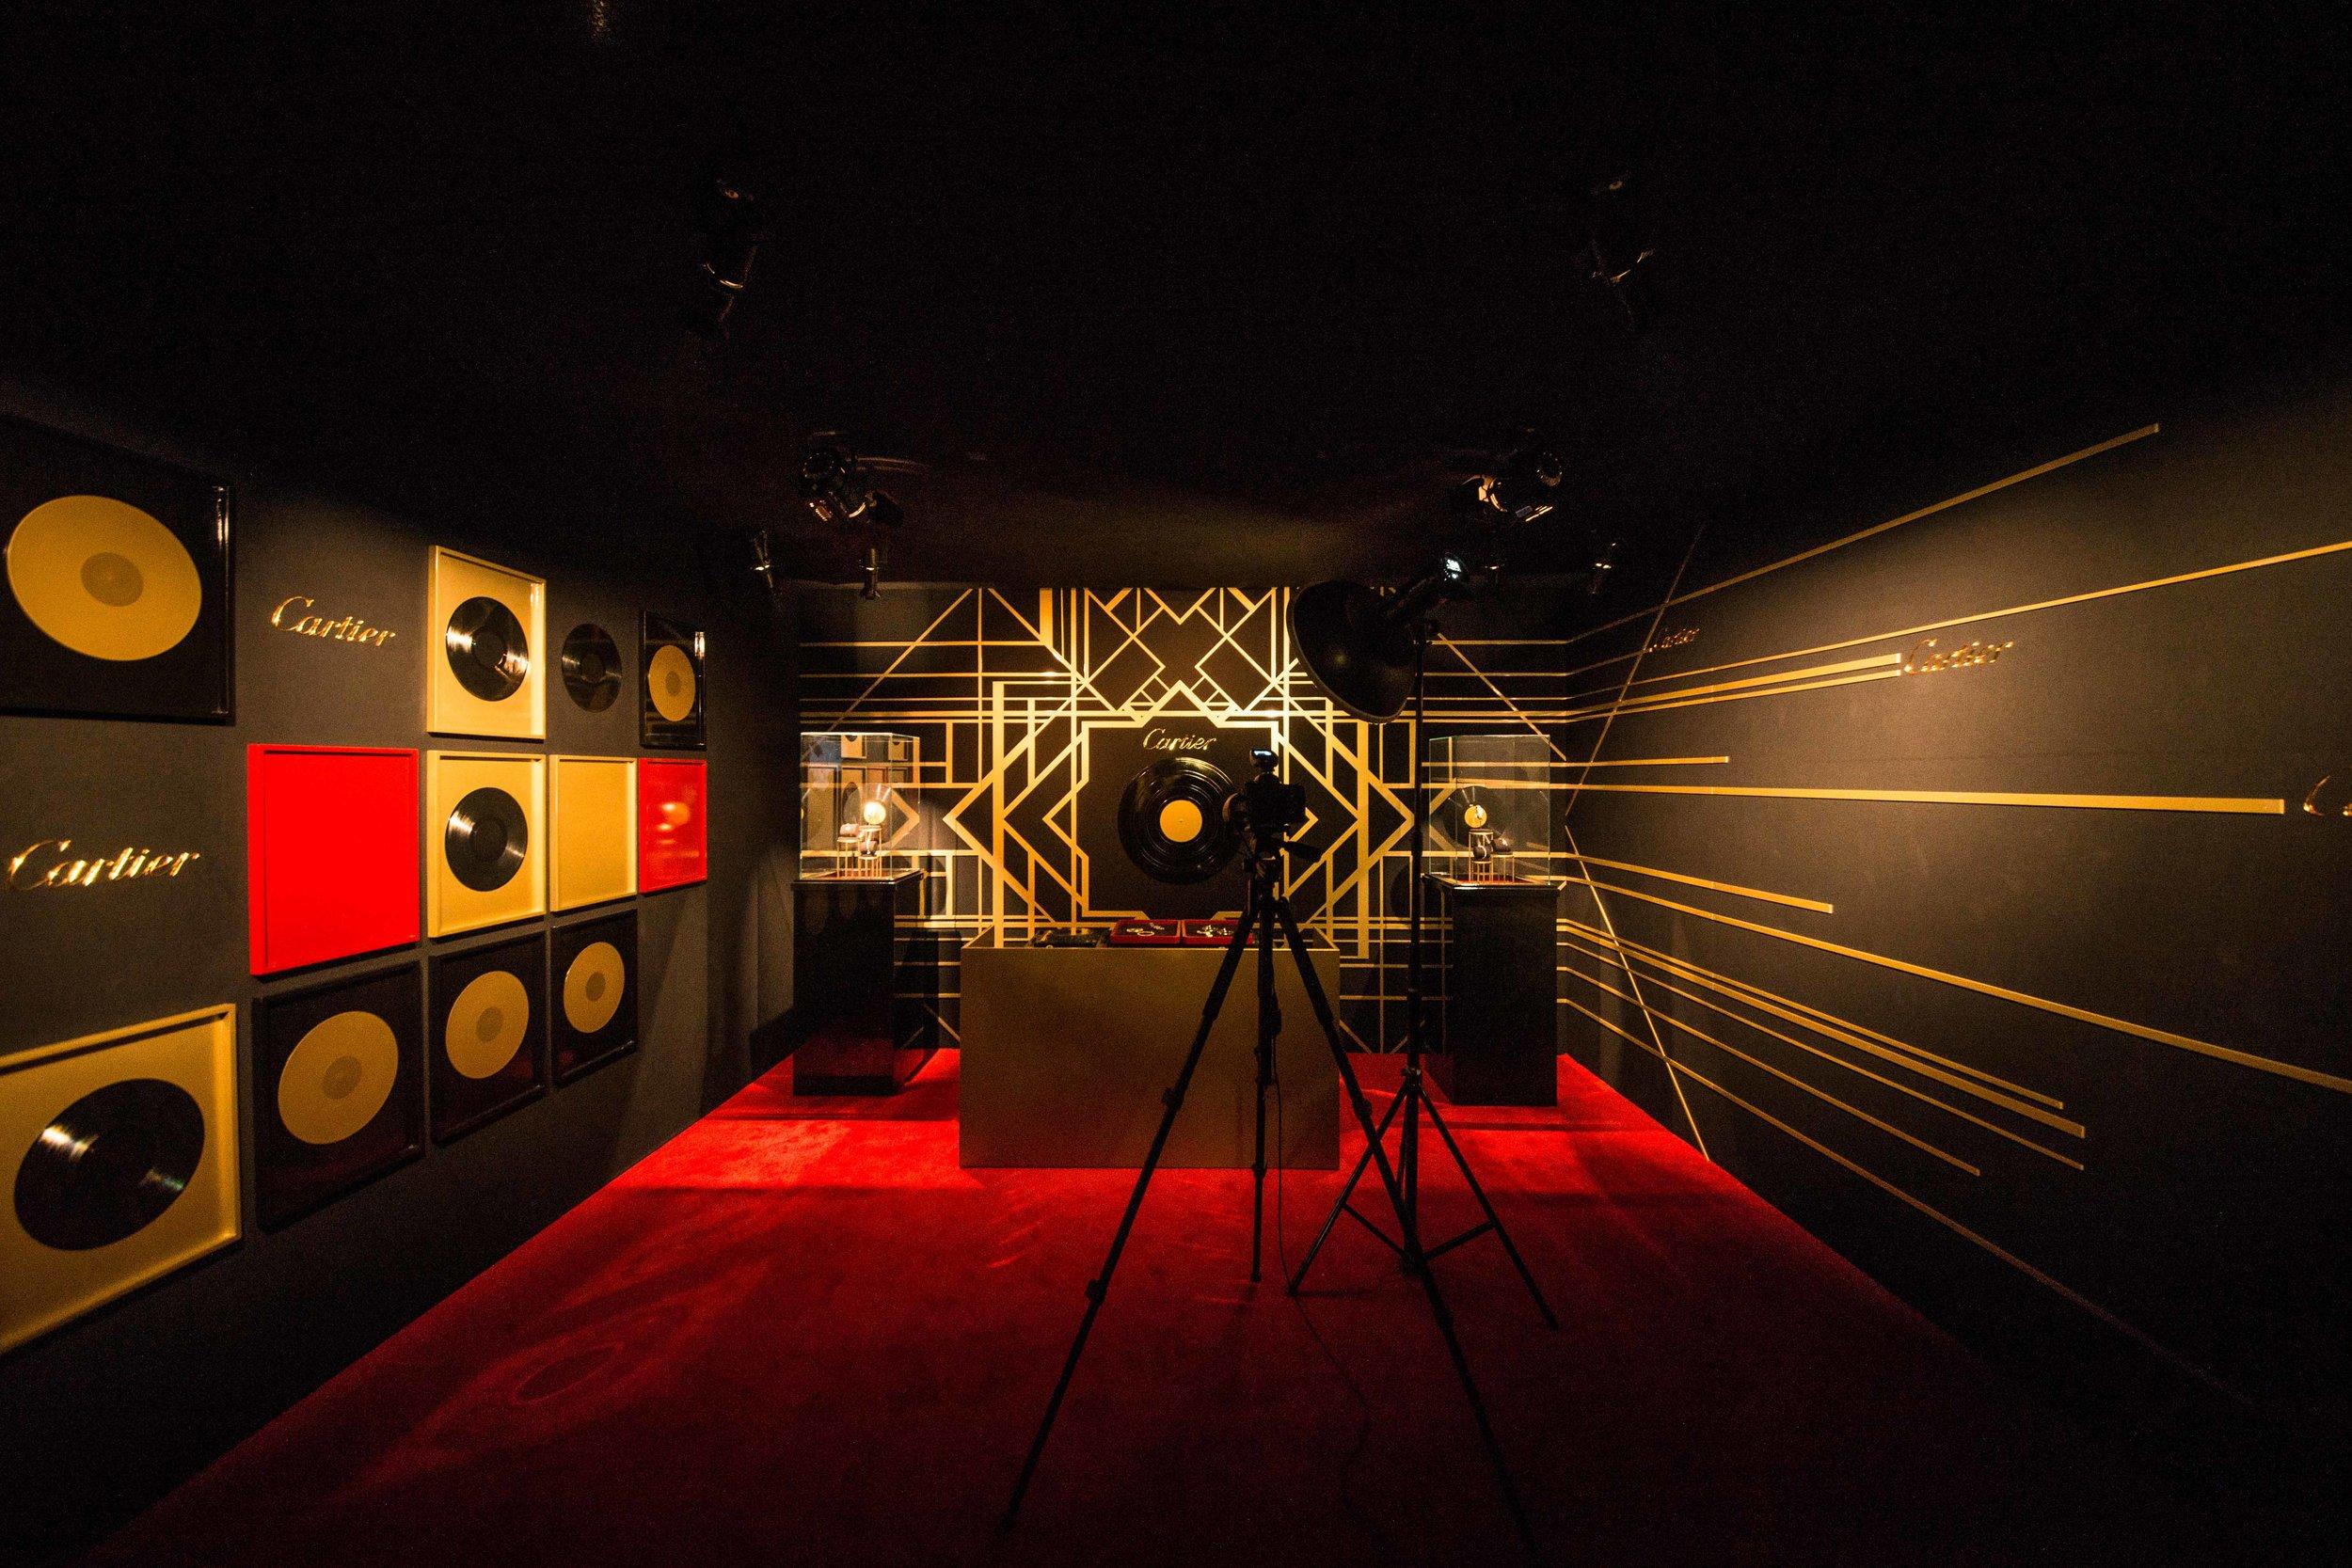 Golden Hour Cartier by Luxury Makers -Auditoire Dubaï - Saï - Stéphane Aït Ouarab-28.jpg